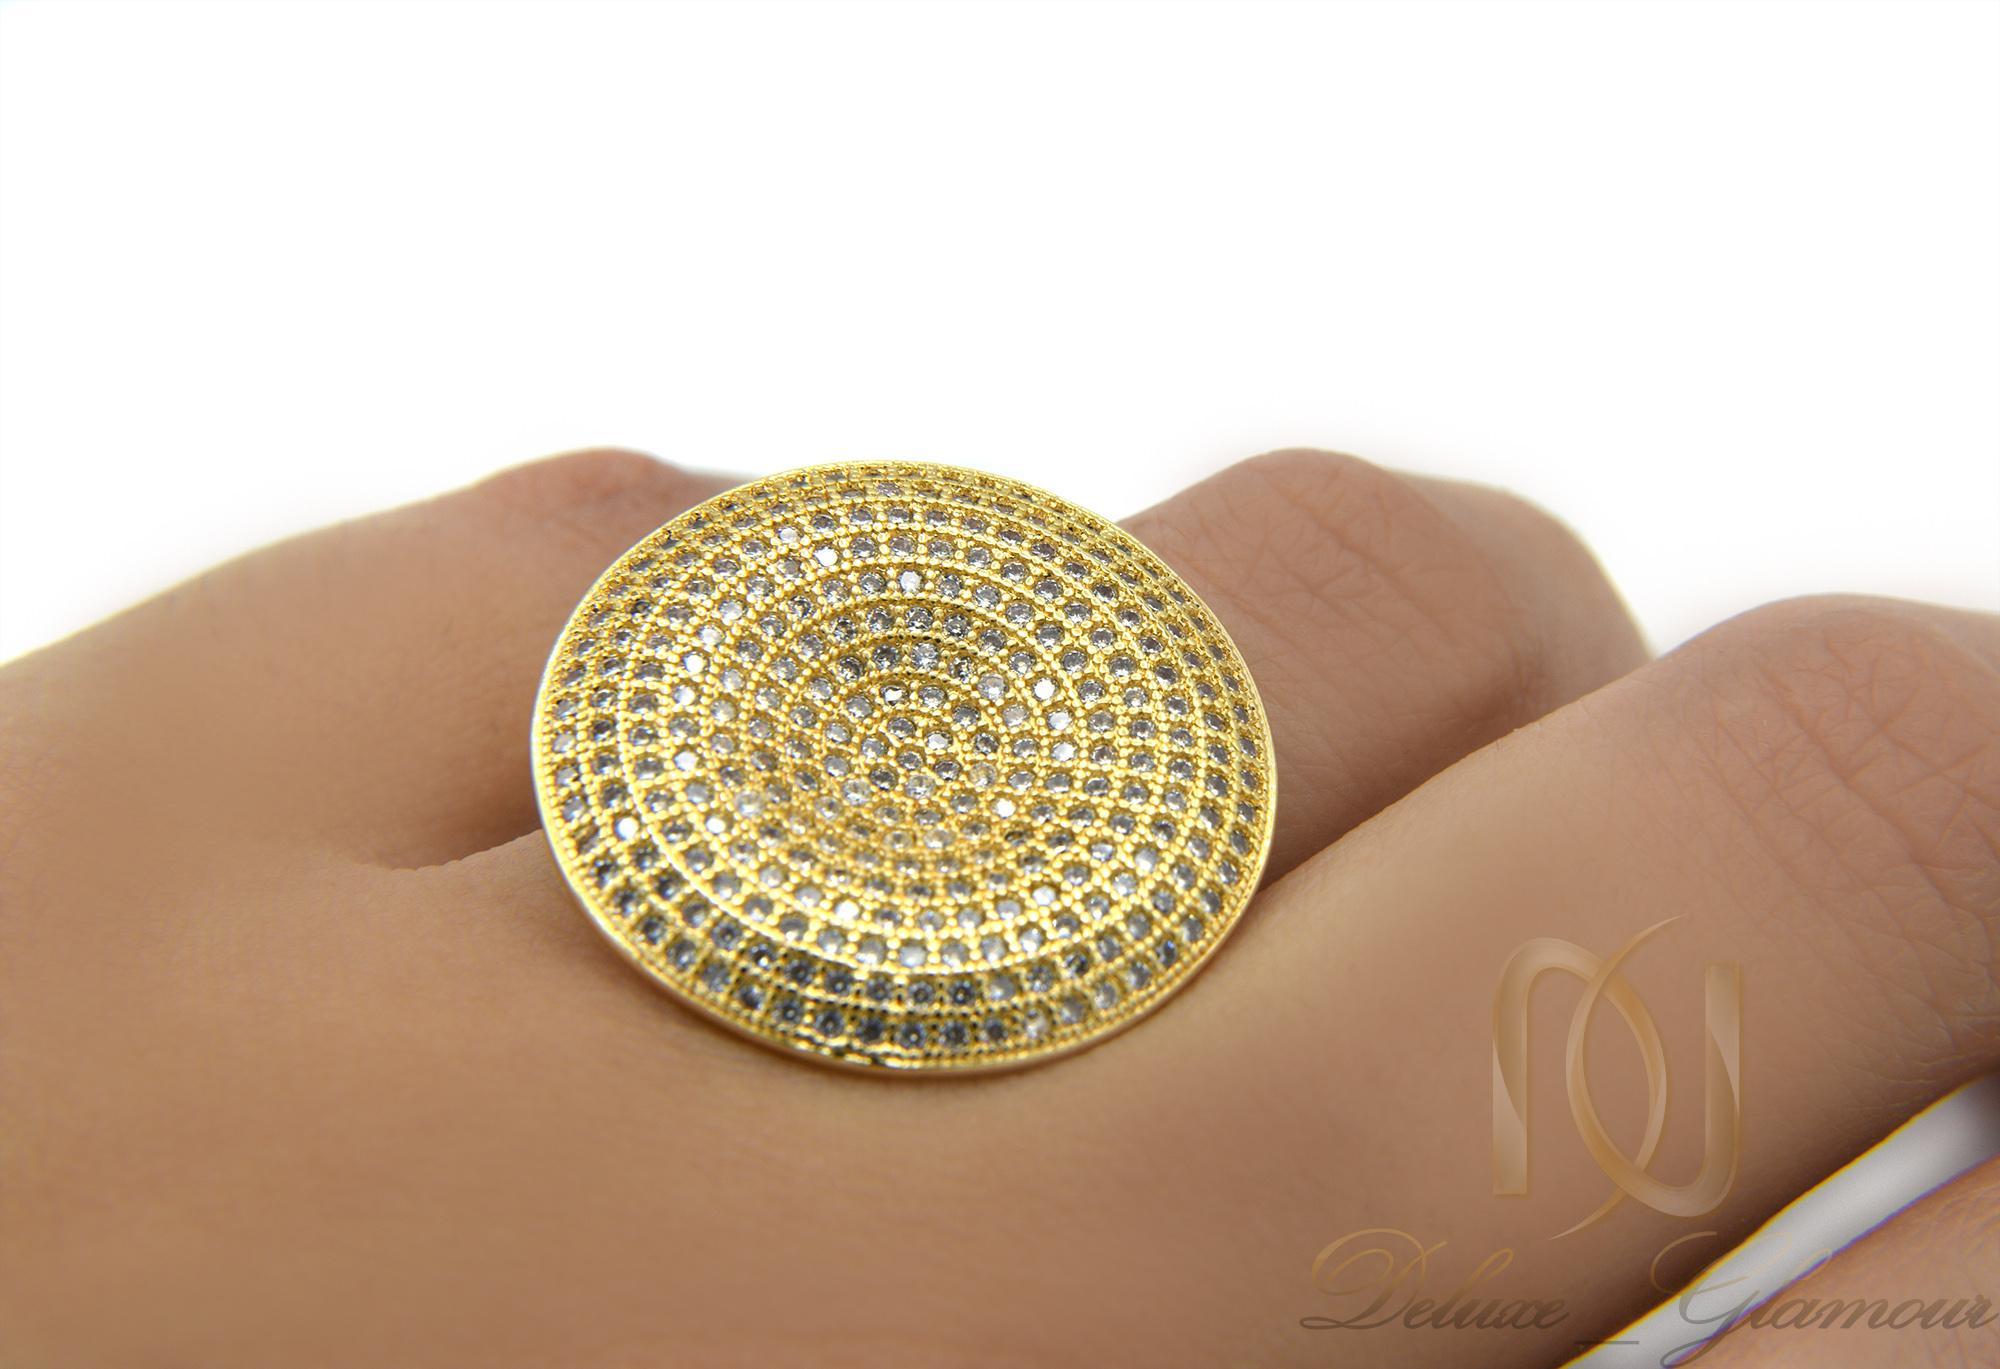 انگشتر زنانه استیل پهن طرح طلا rg-n280 از نمای روی دست